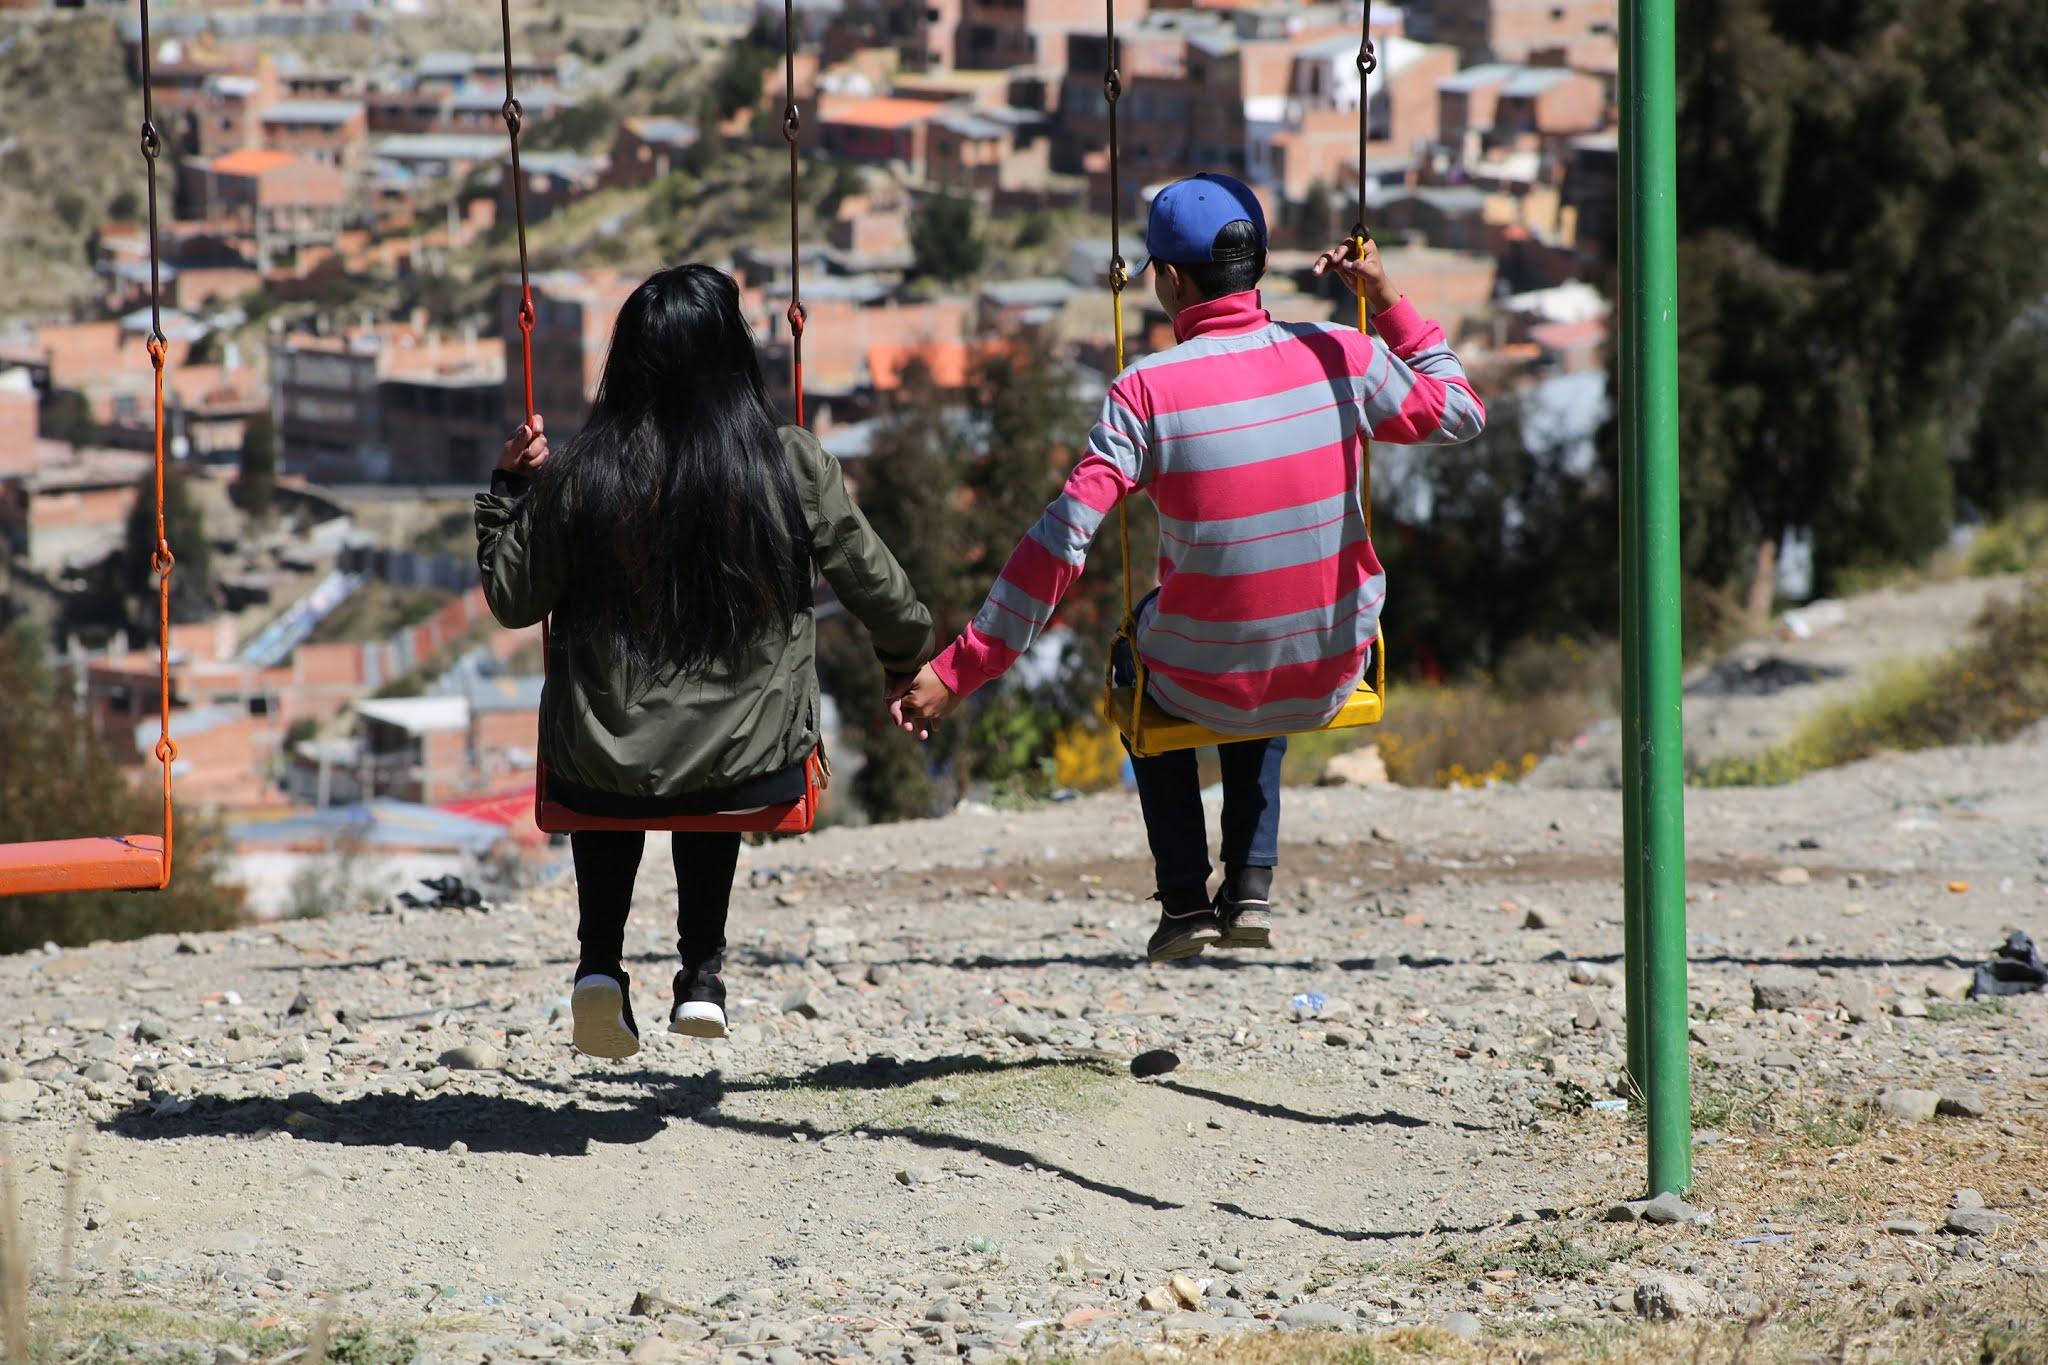 Menores de edad y adolescentes incrementan el número de embarazos en Bolivia / REFERENCIAL UNFPA